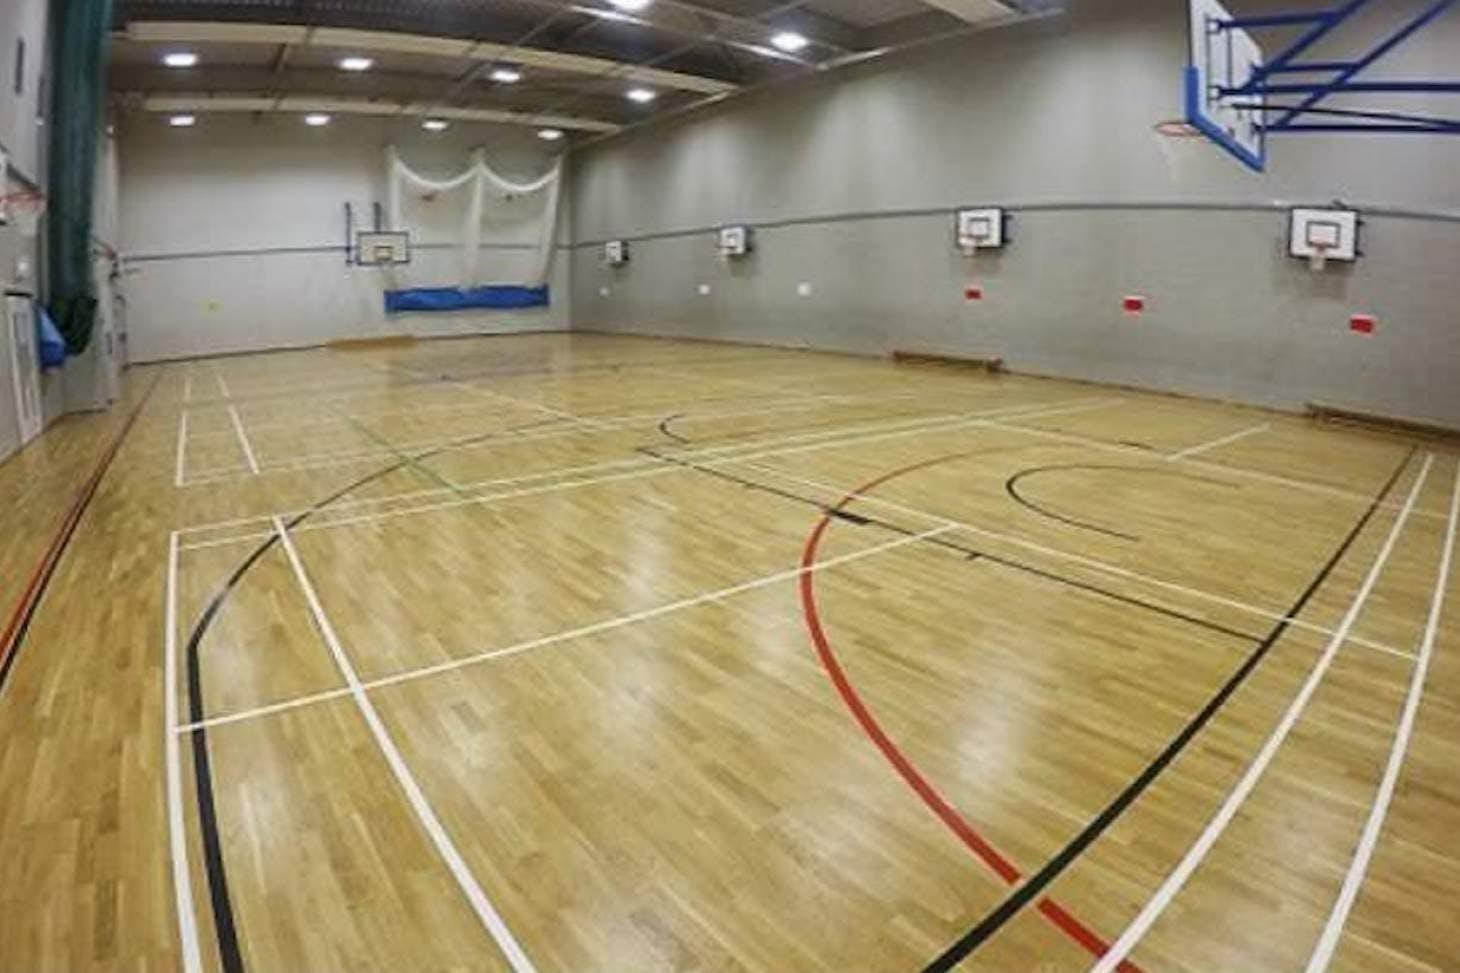 School 21 Indoor basketball court